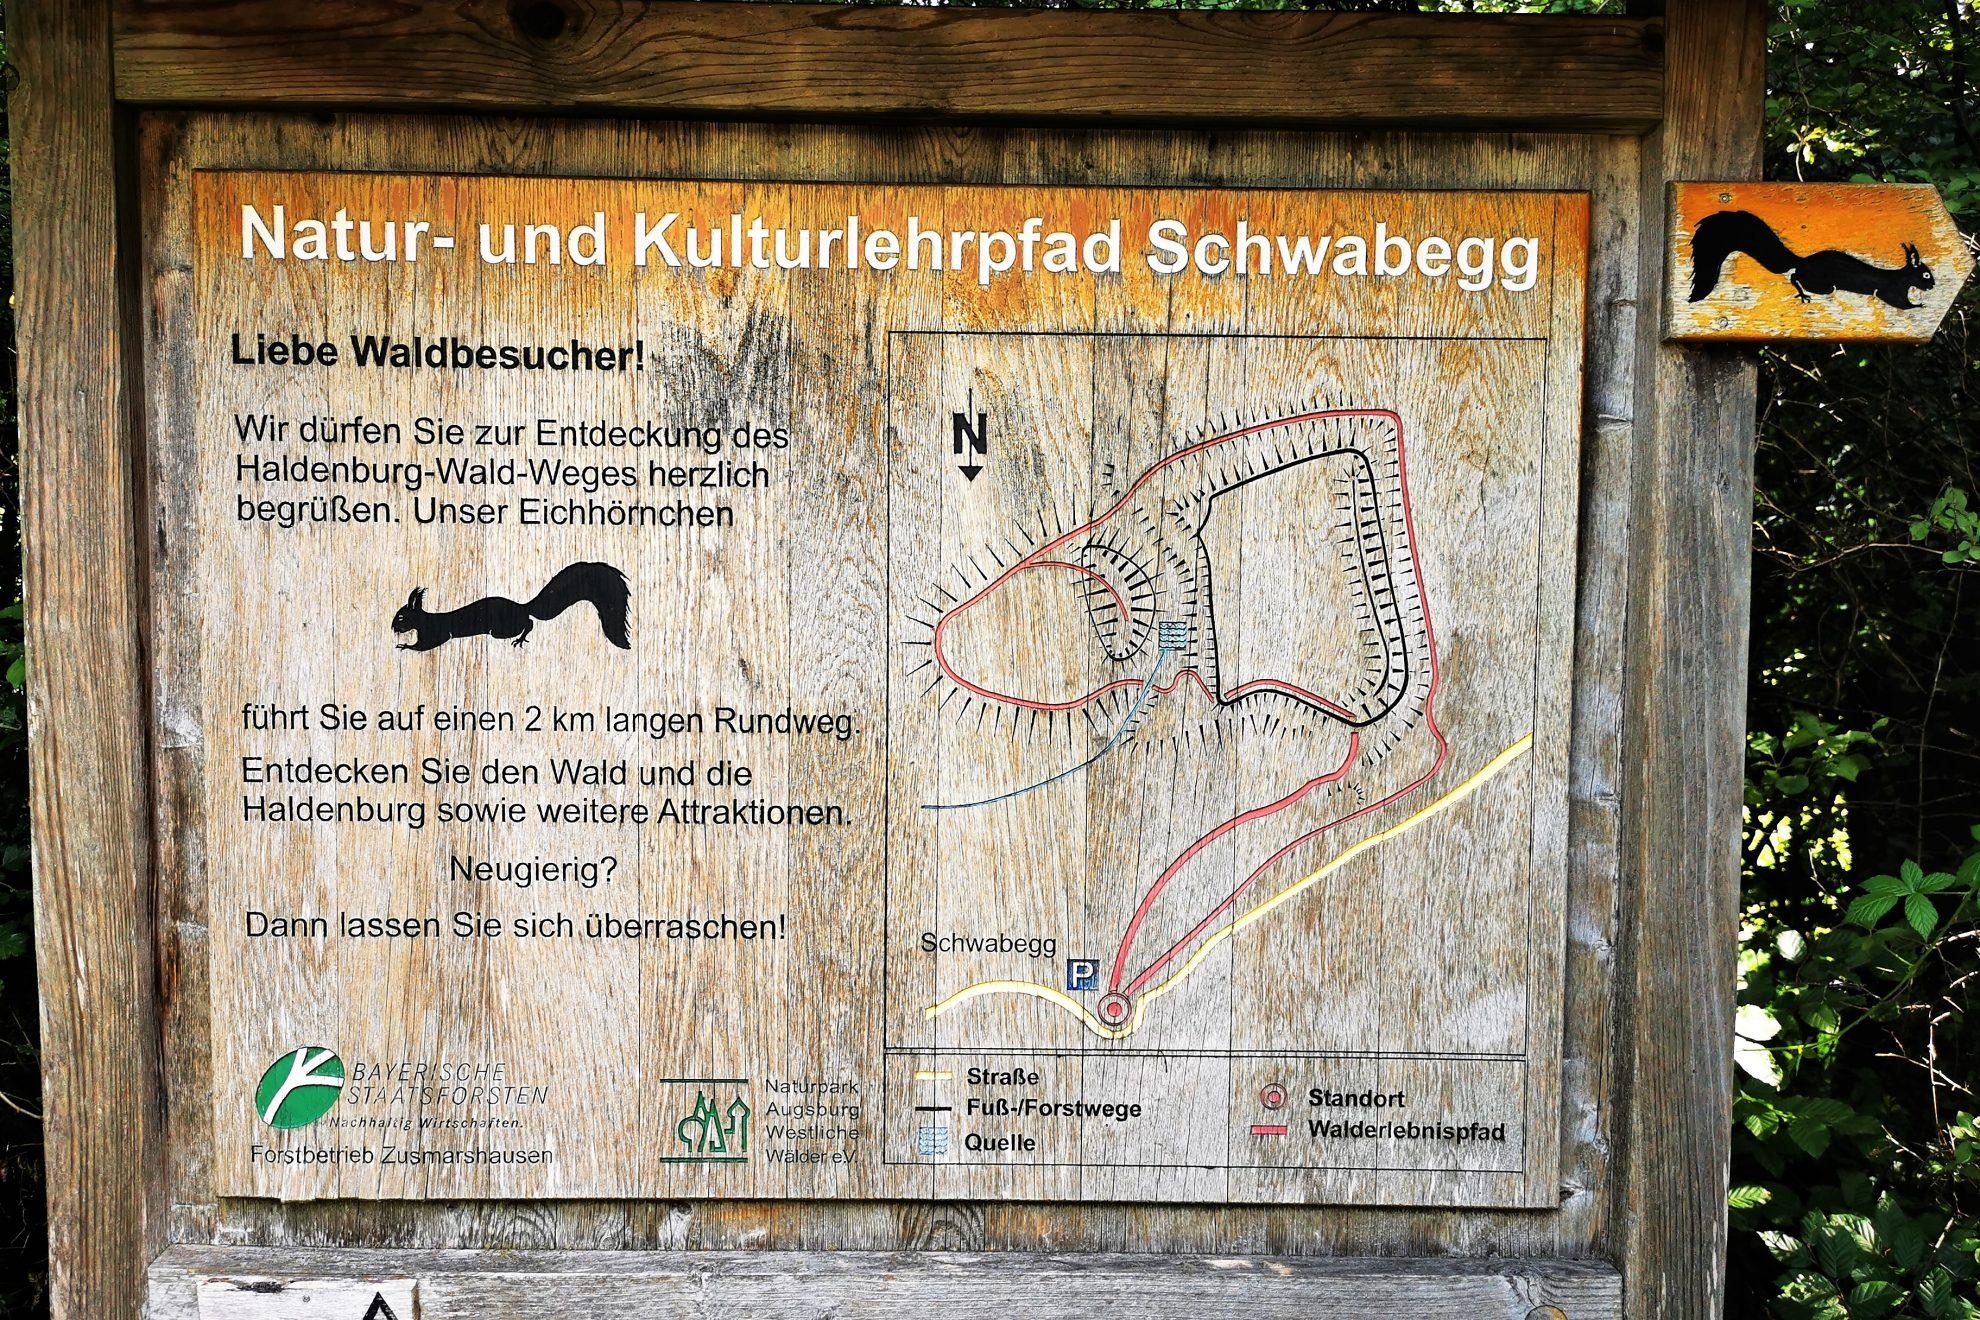 Du suchst nach einem schönen Ausflugsziel für die ganze Familie? Dann schau dir den Natur- und Kulturlehrpfad Schwabegg an. Ein Waldparadies!